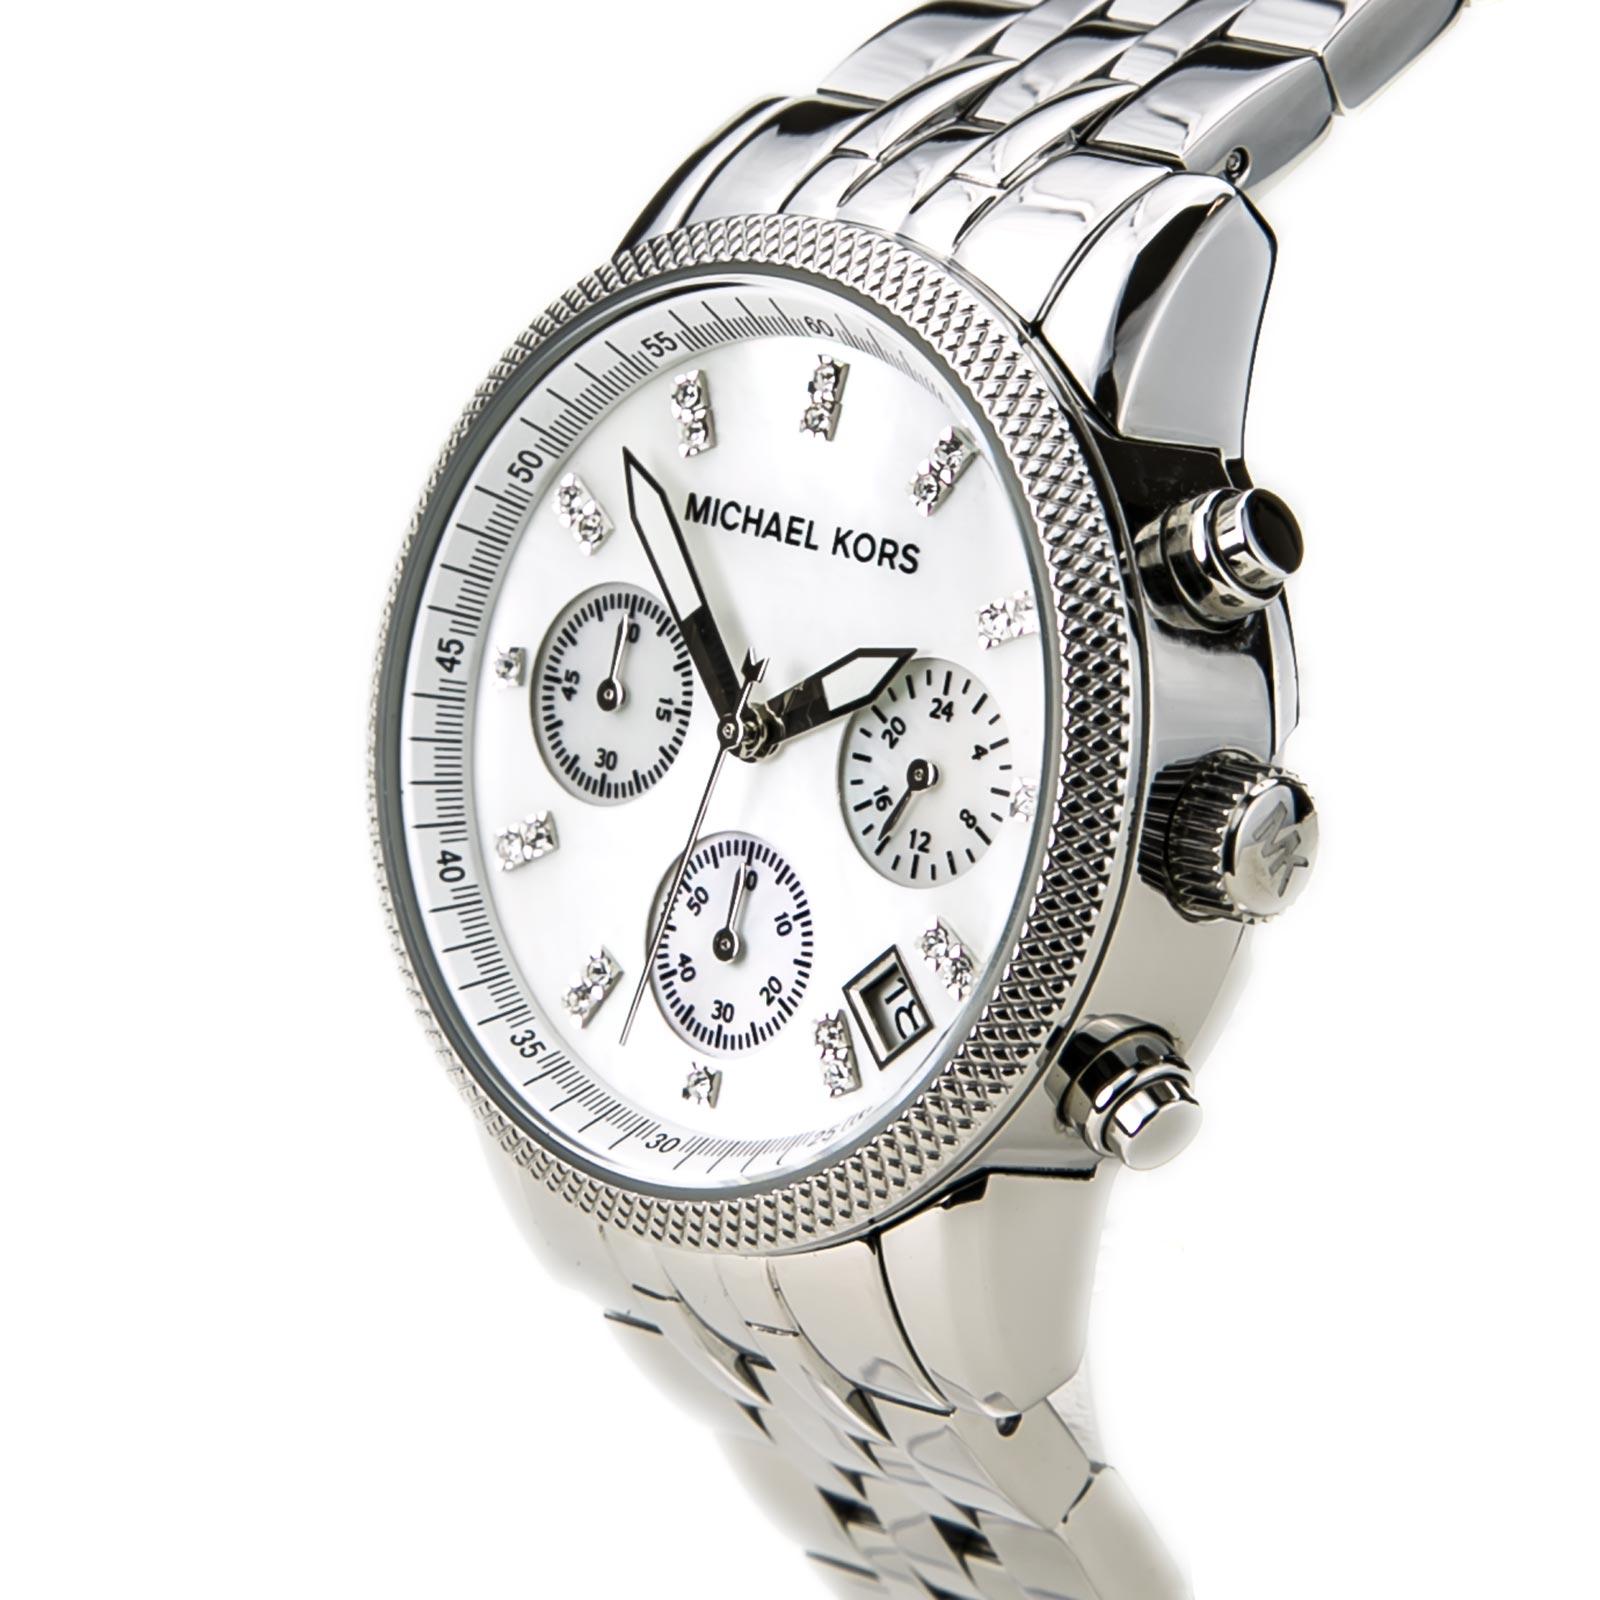 a49e53b9e4ae Michael Kors Ladies Ritz Silver Tone Camille Chronograph Designer Watch  MK5020 Thumbnail 3